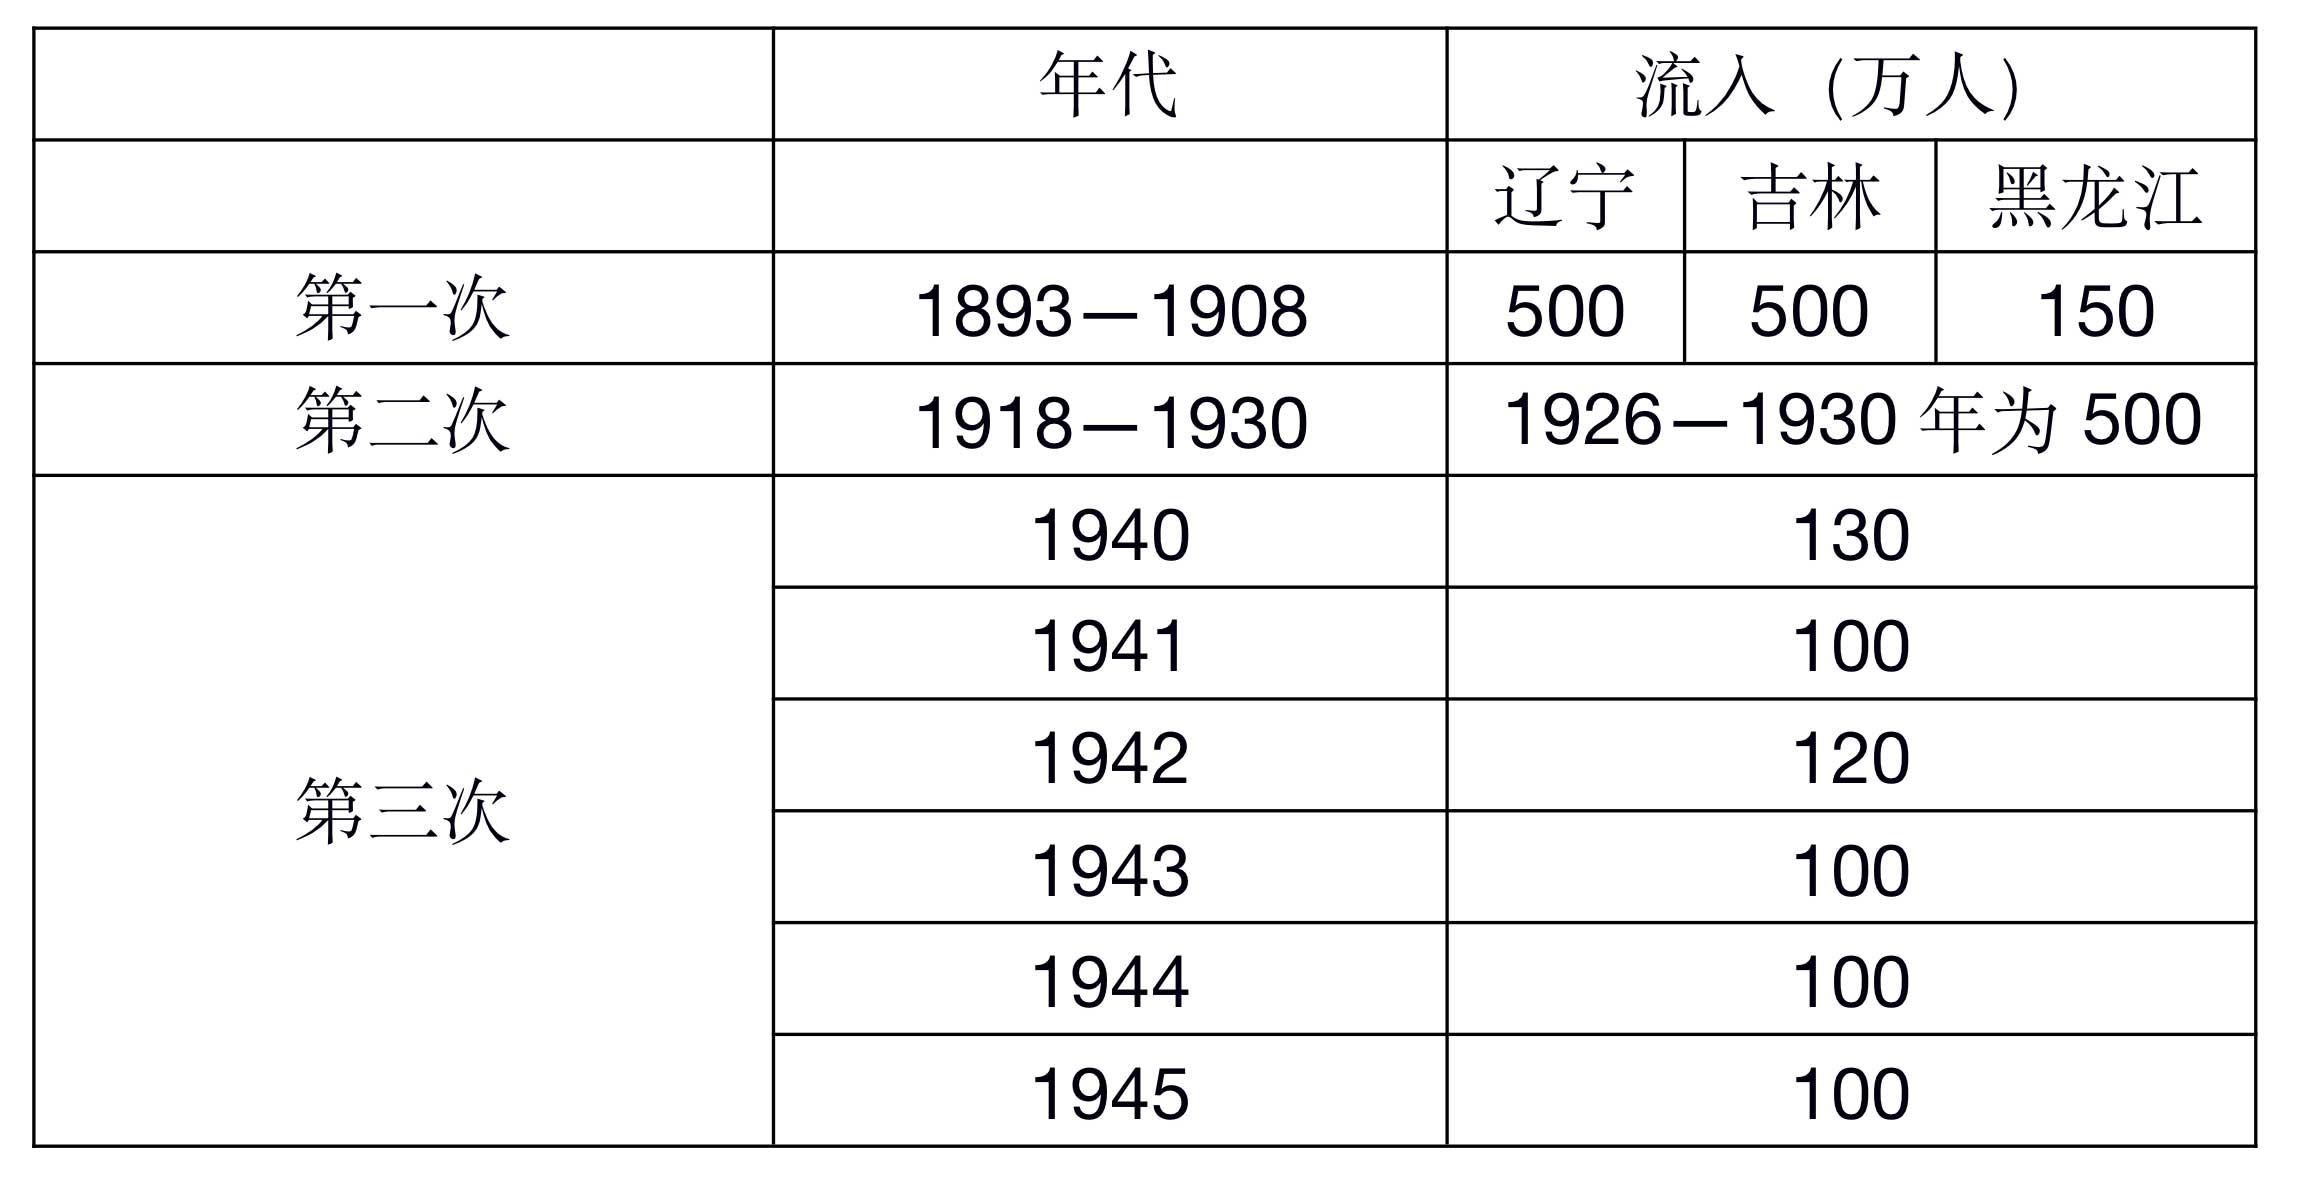 闯关东移民统计.jpg